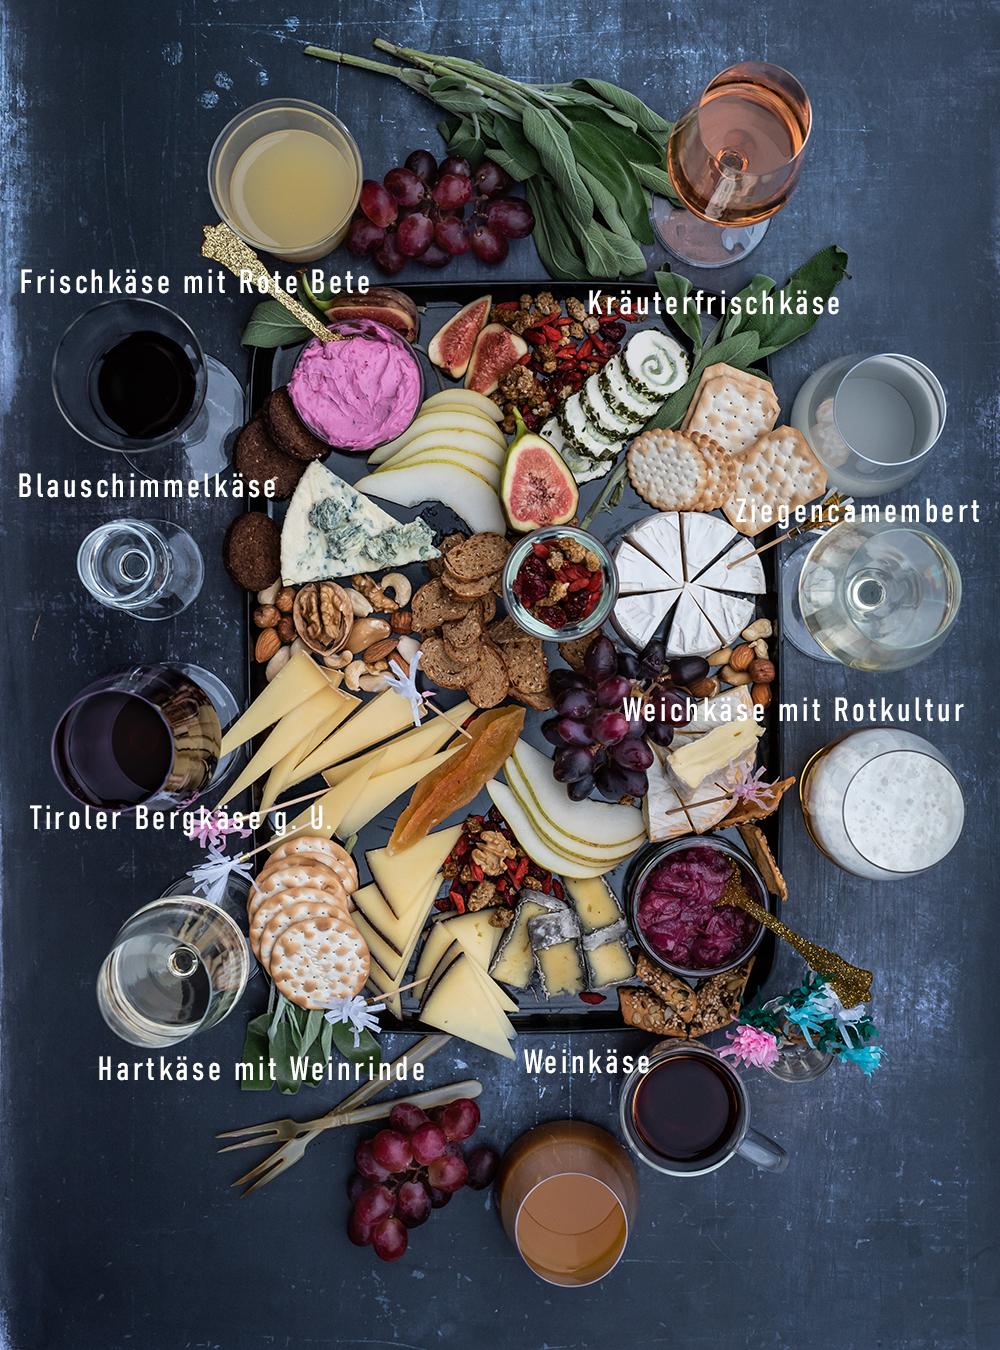 Käseplatte und die passenden Getränke